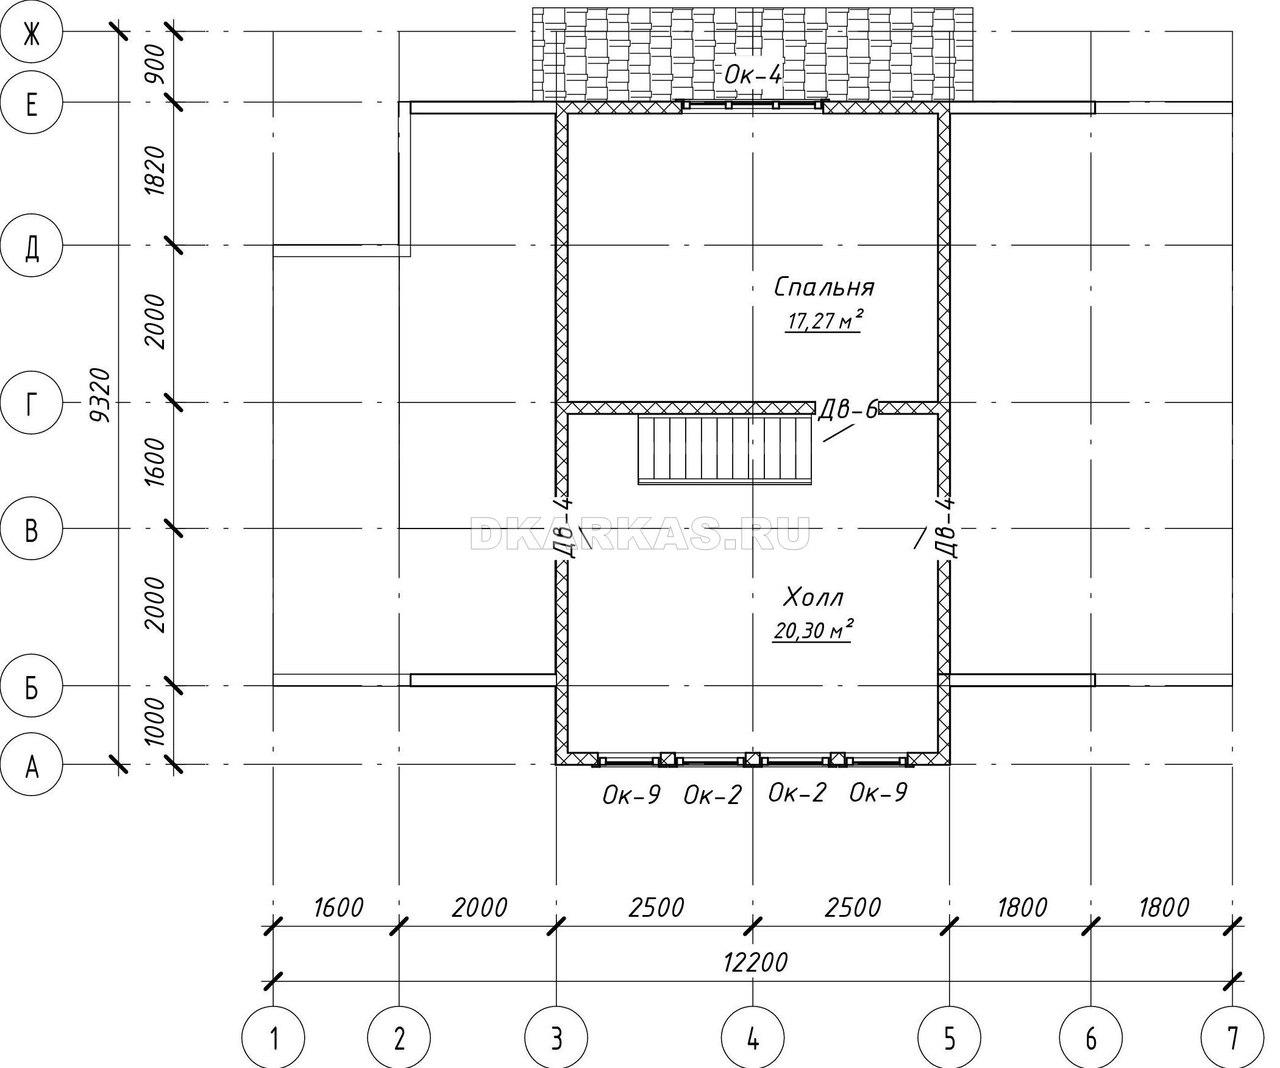 Силовой каркас дома КД-20 план